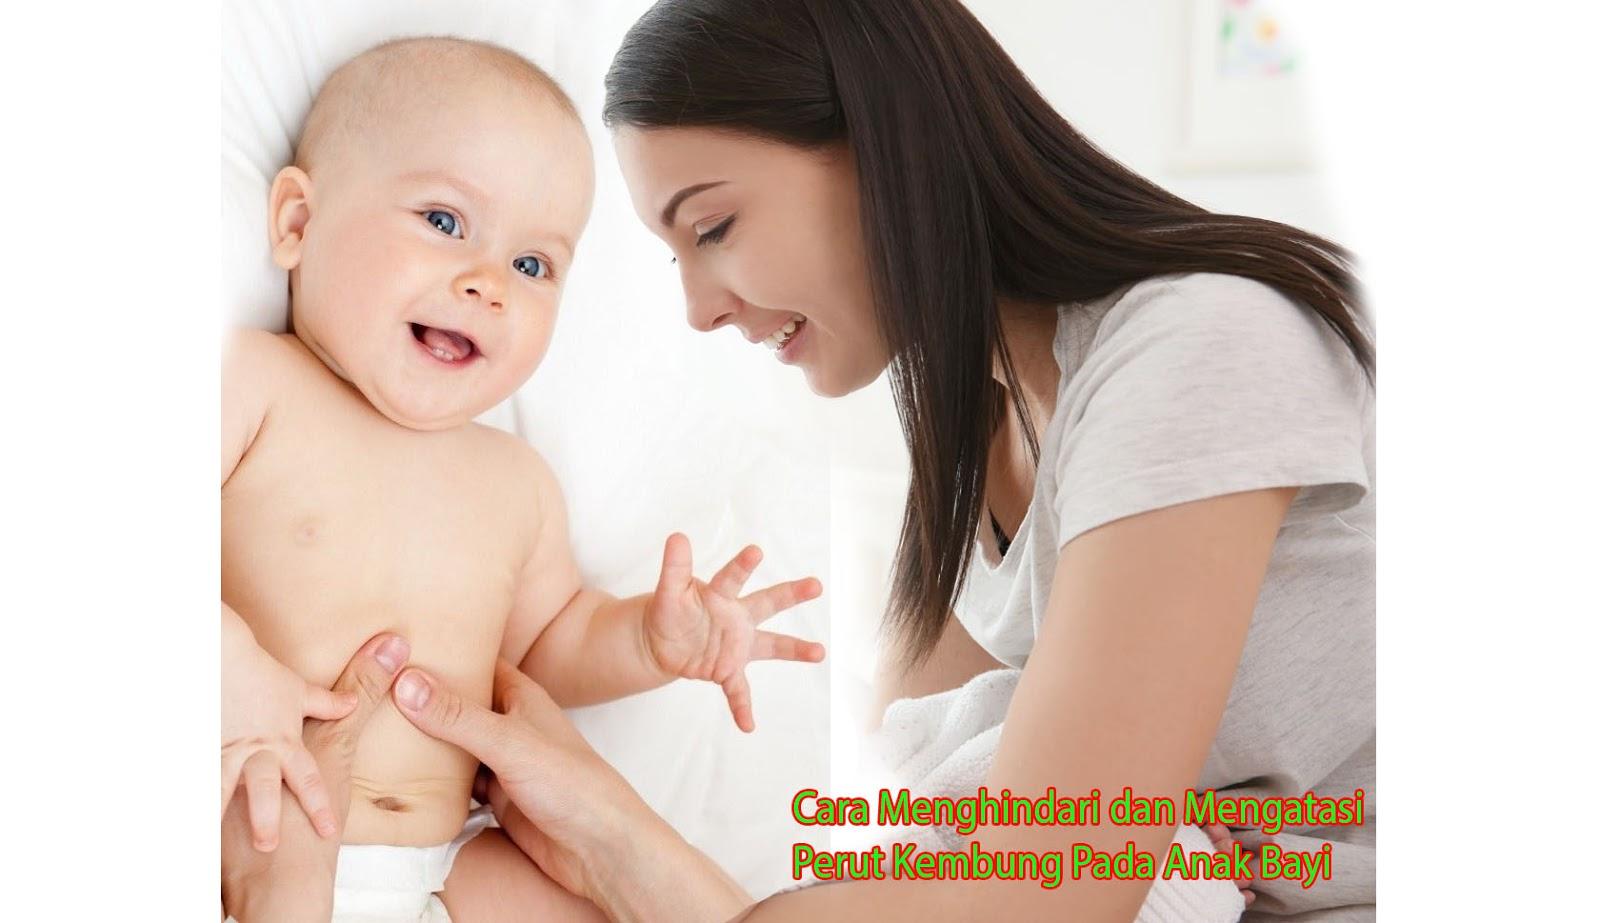 Cara Mengatasi Perut Kembung Pada Anak Bayi